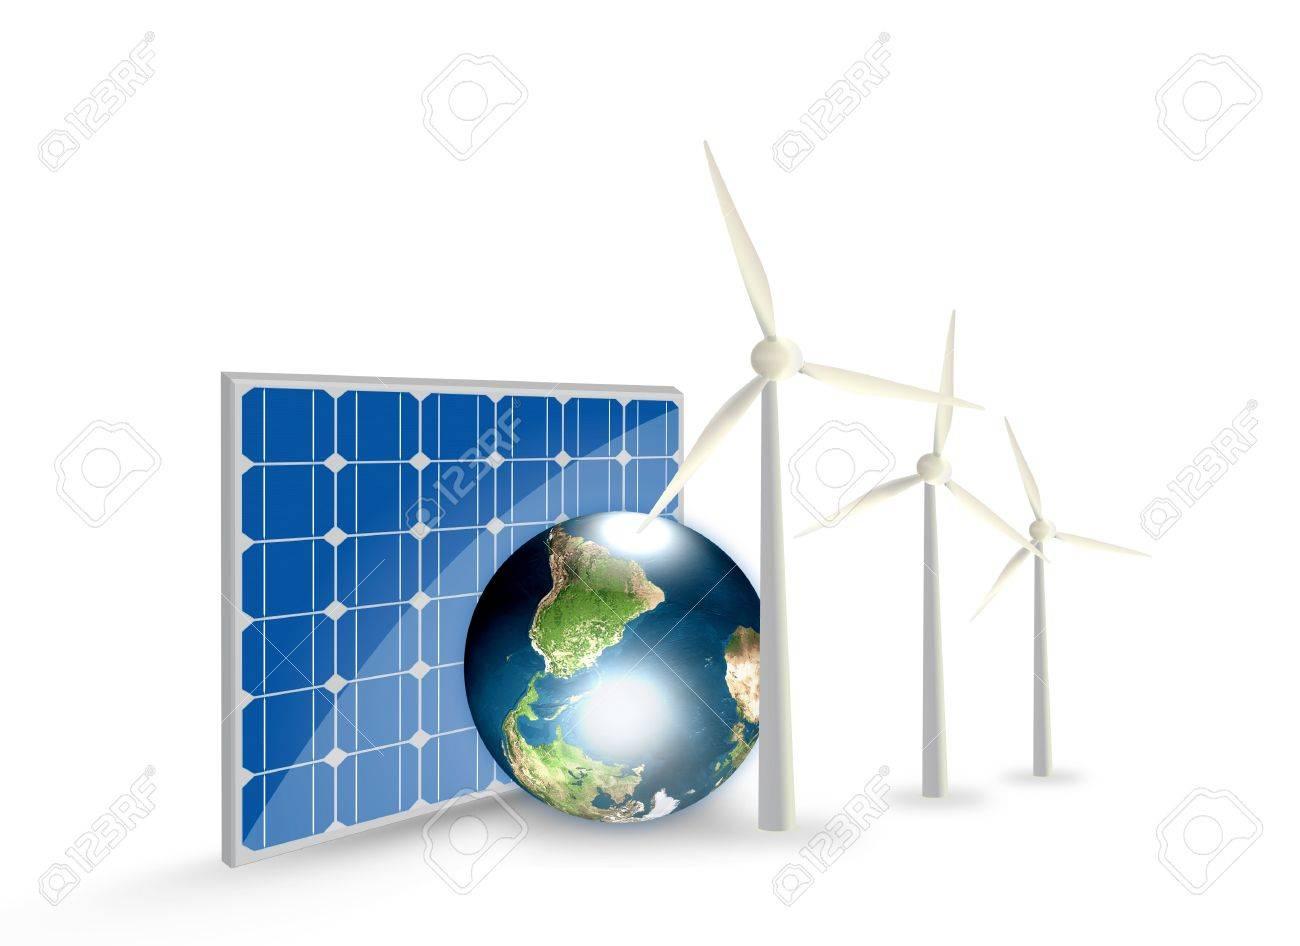 Alternative energy solar cell earth wind turbine stock photo alternative energy solar cell earth wind turbine stock photo 16296127 ccuart Choice Image